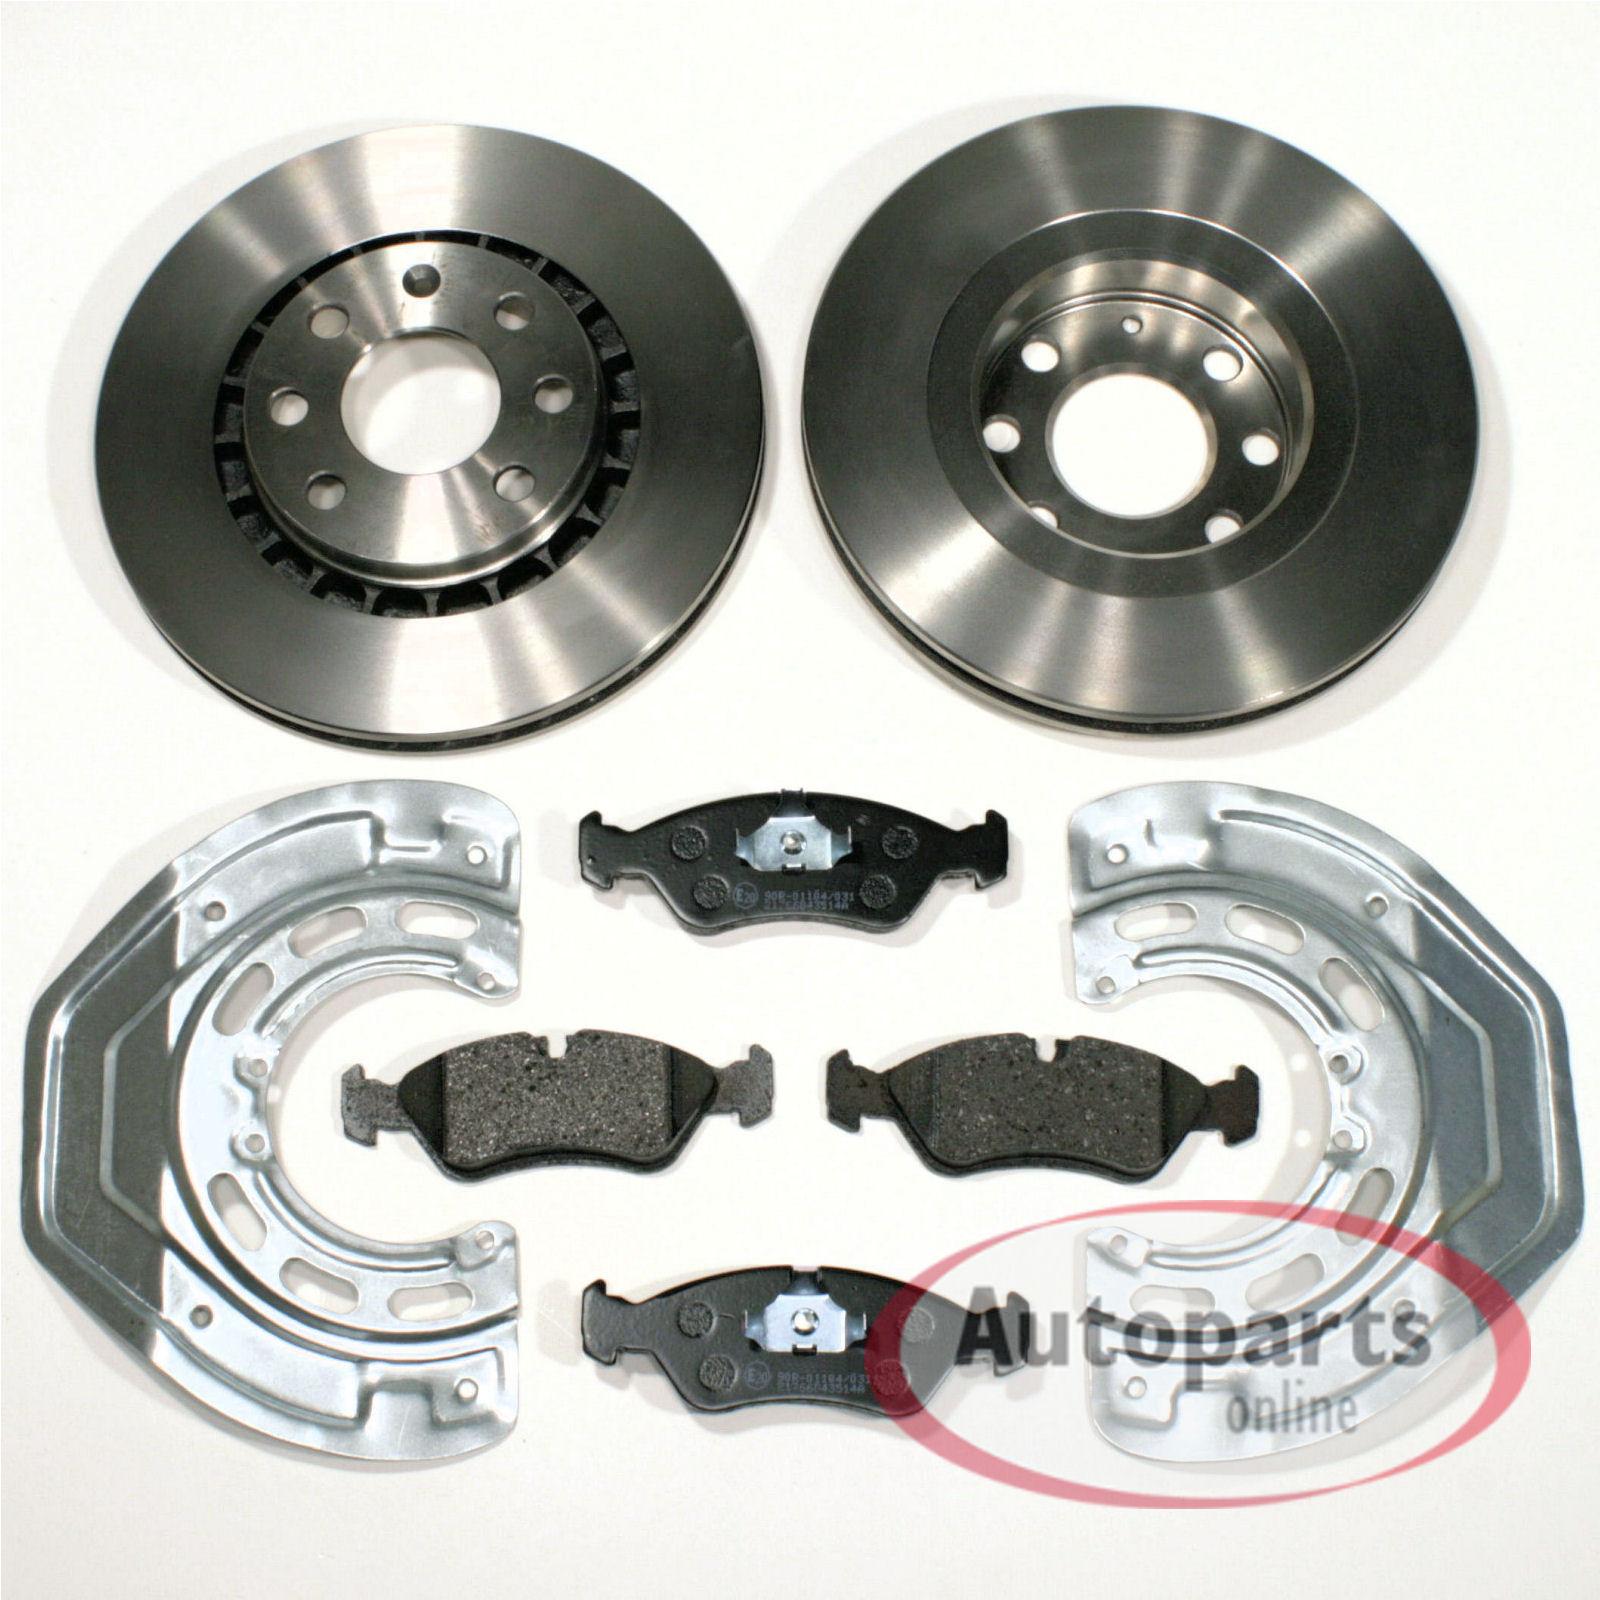 2 Bremsscheiben OPEL Vectra B hinten  Hinterachse Felge 4Loch Durchmesser 270 mm